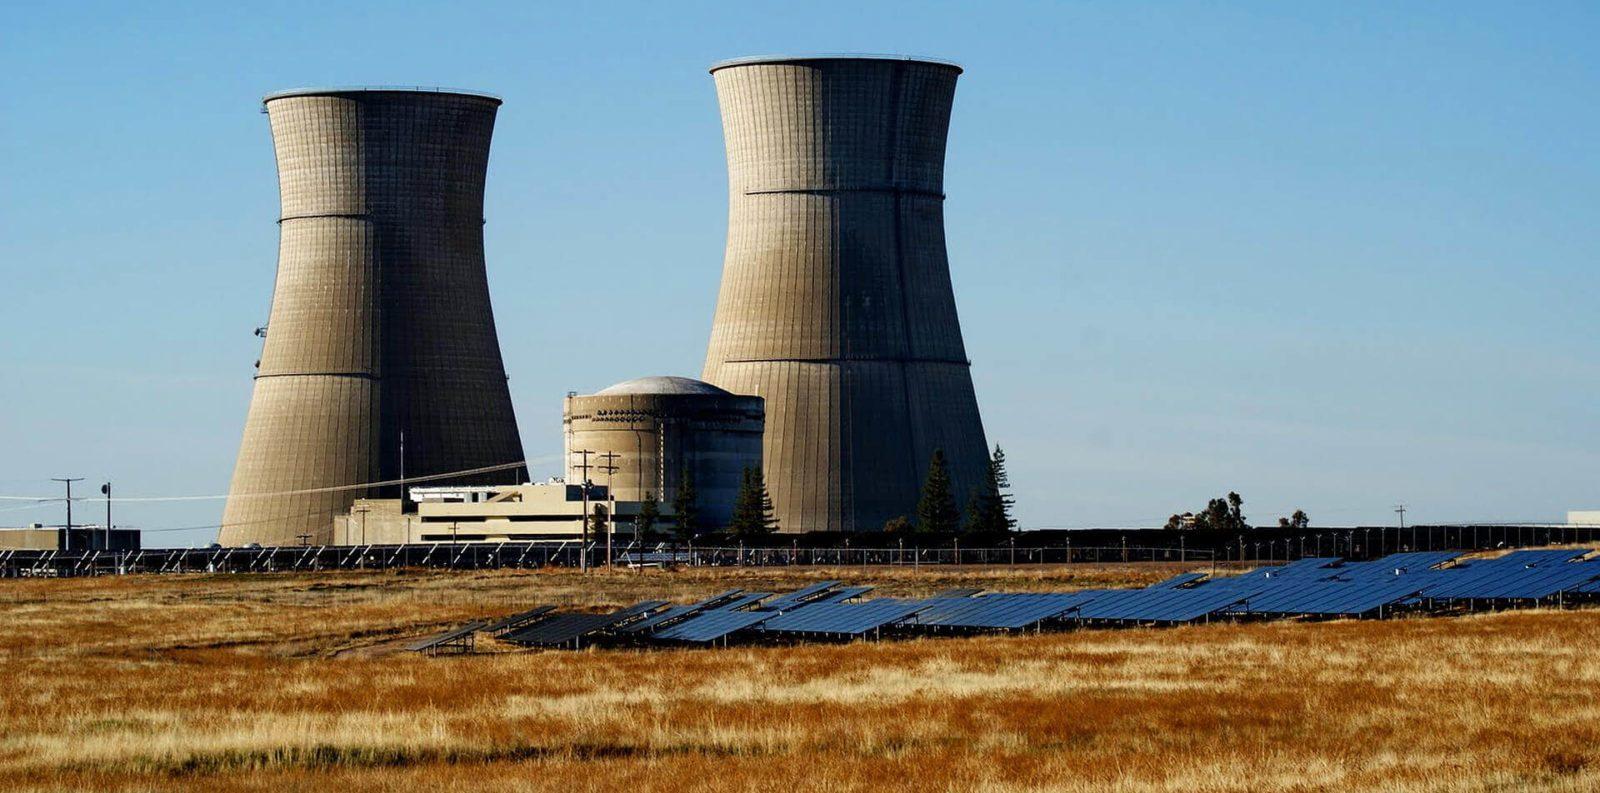 Türkiye'de kurulacak Nükleer Santraller yerli malı ile donatılacak!